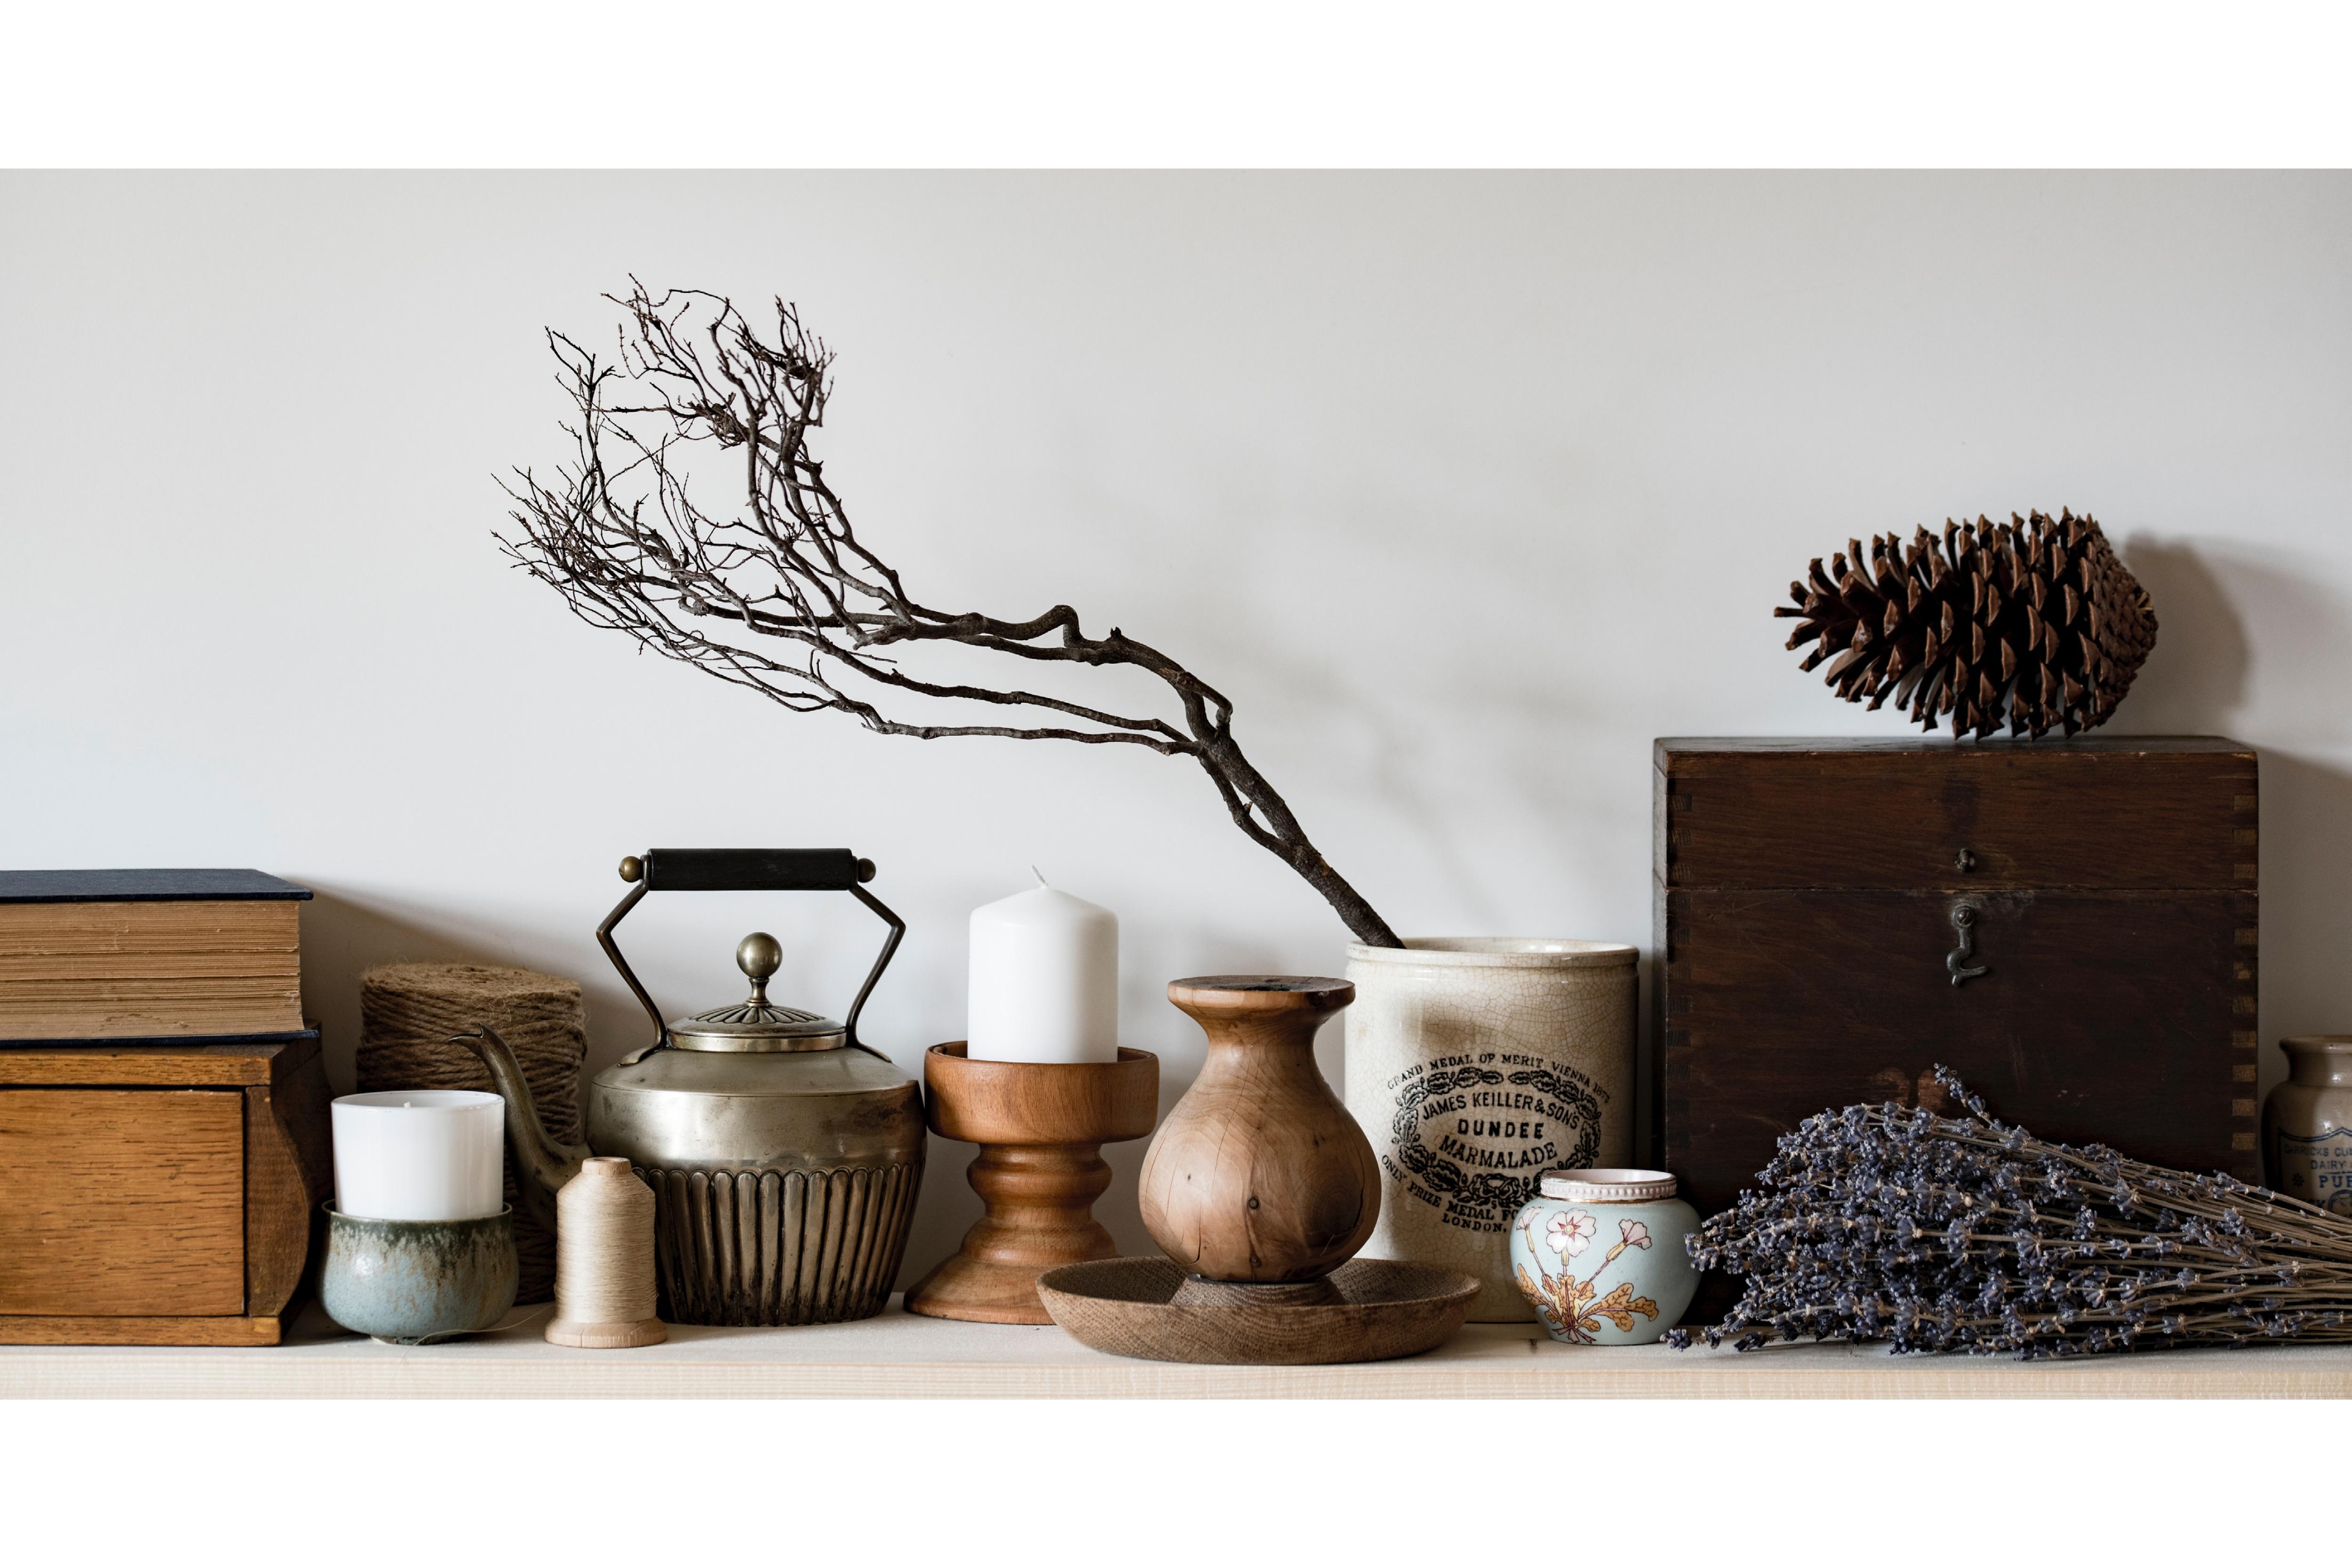 素色的神壇,桌面有柔和的觸感,上面整齊排列了古老的舊皮書、蠟燭與蠟燭台、水煲、乾花與樹枝、木盒與松果。